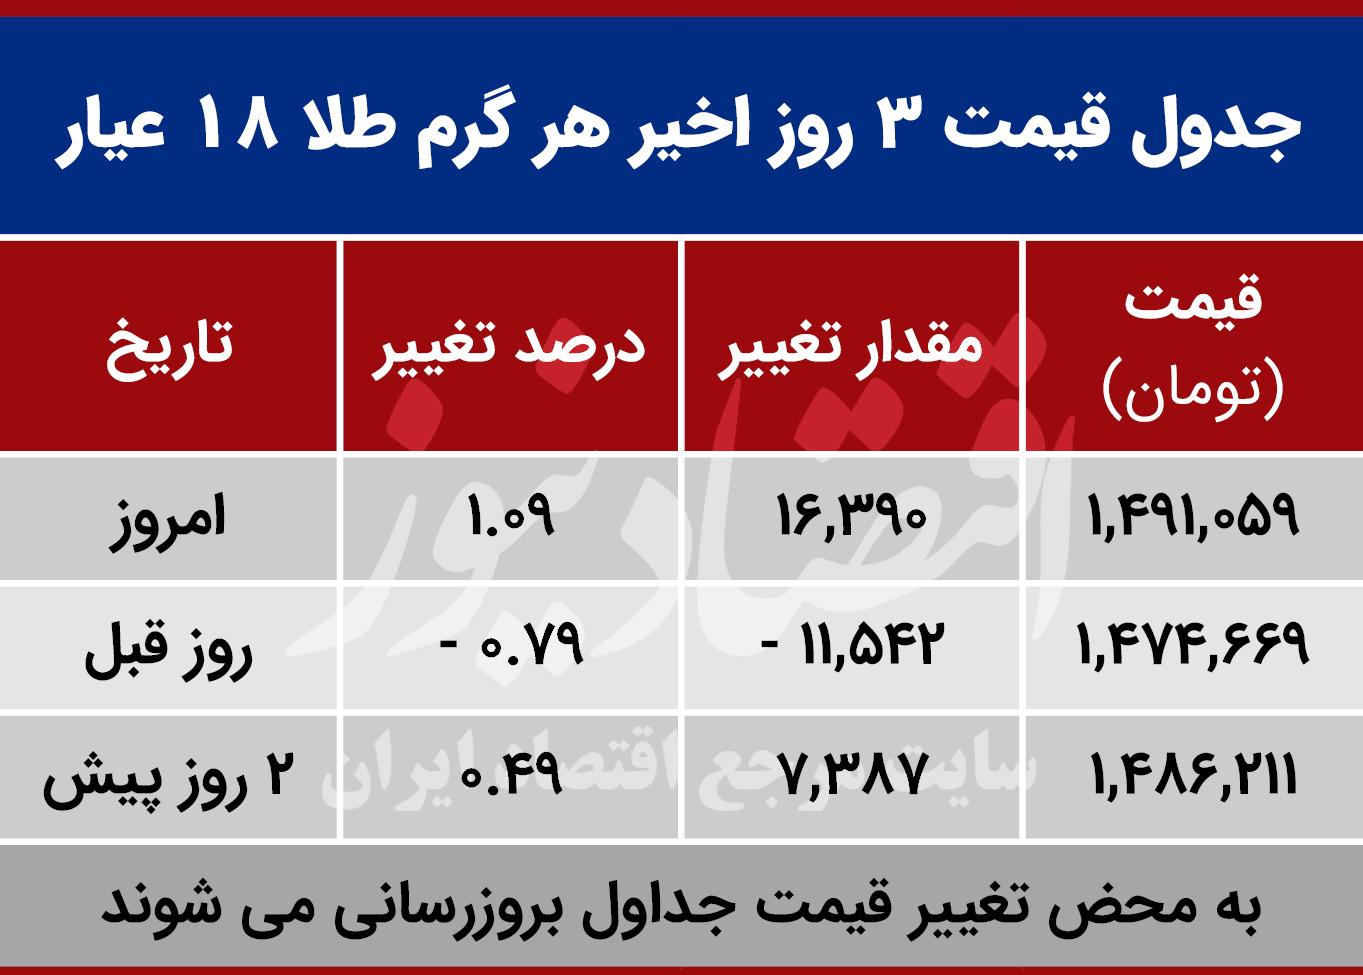 قیمت طلا امروز 24 مهر 99